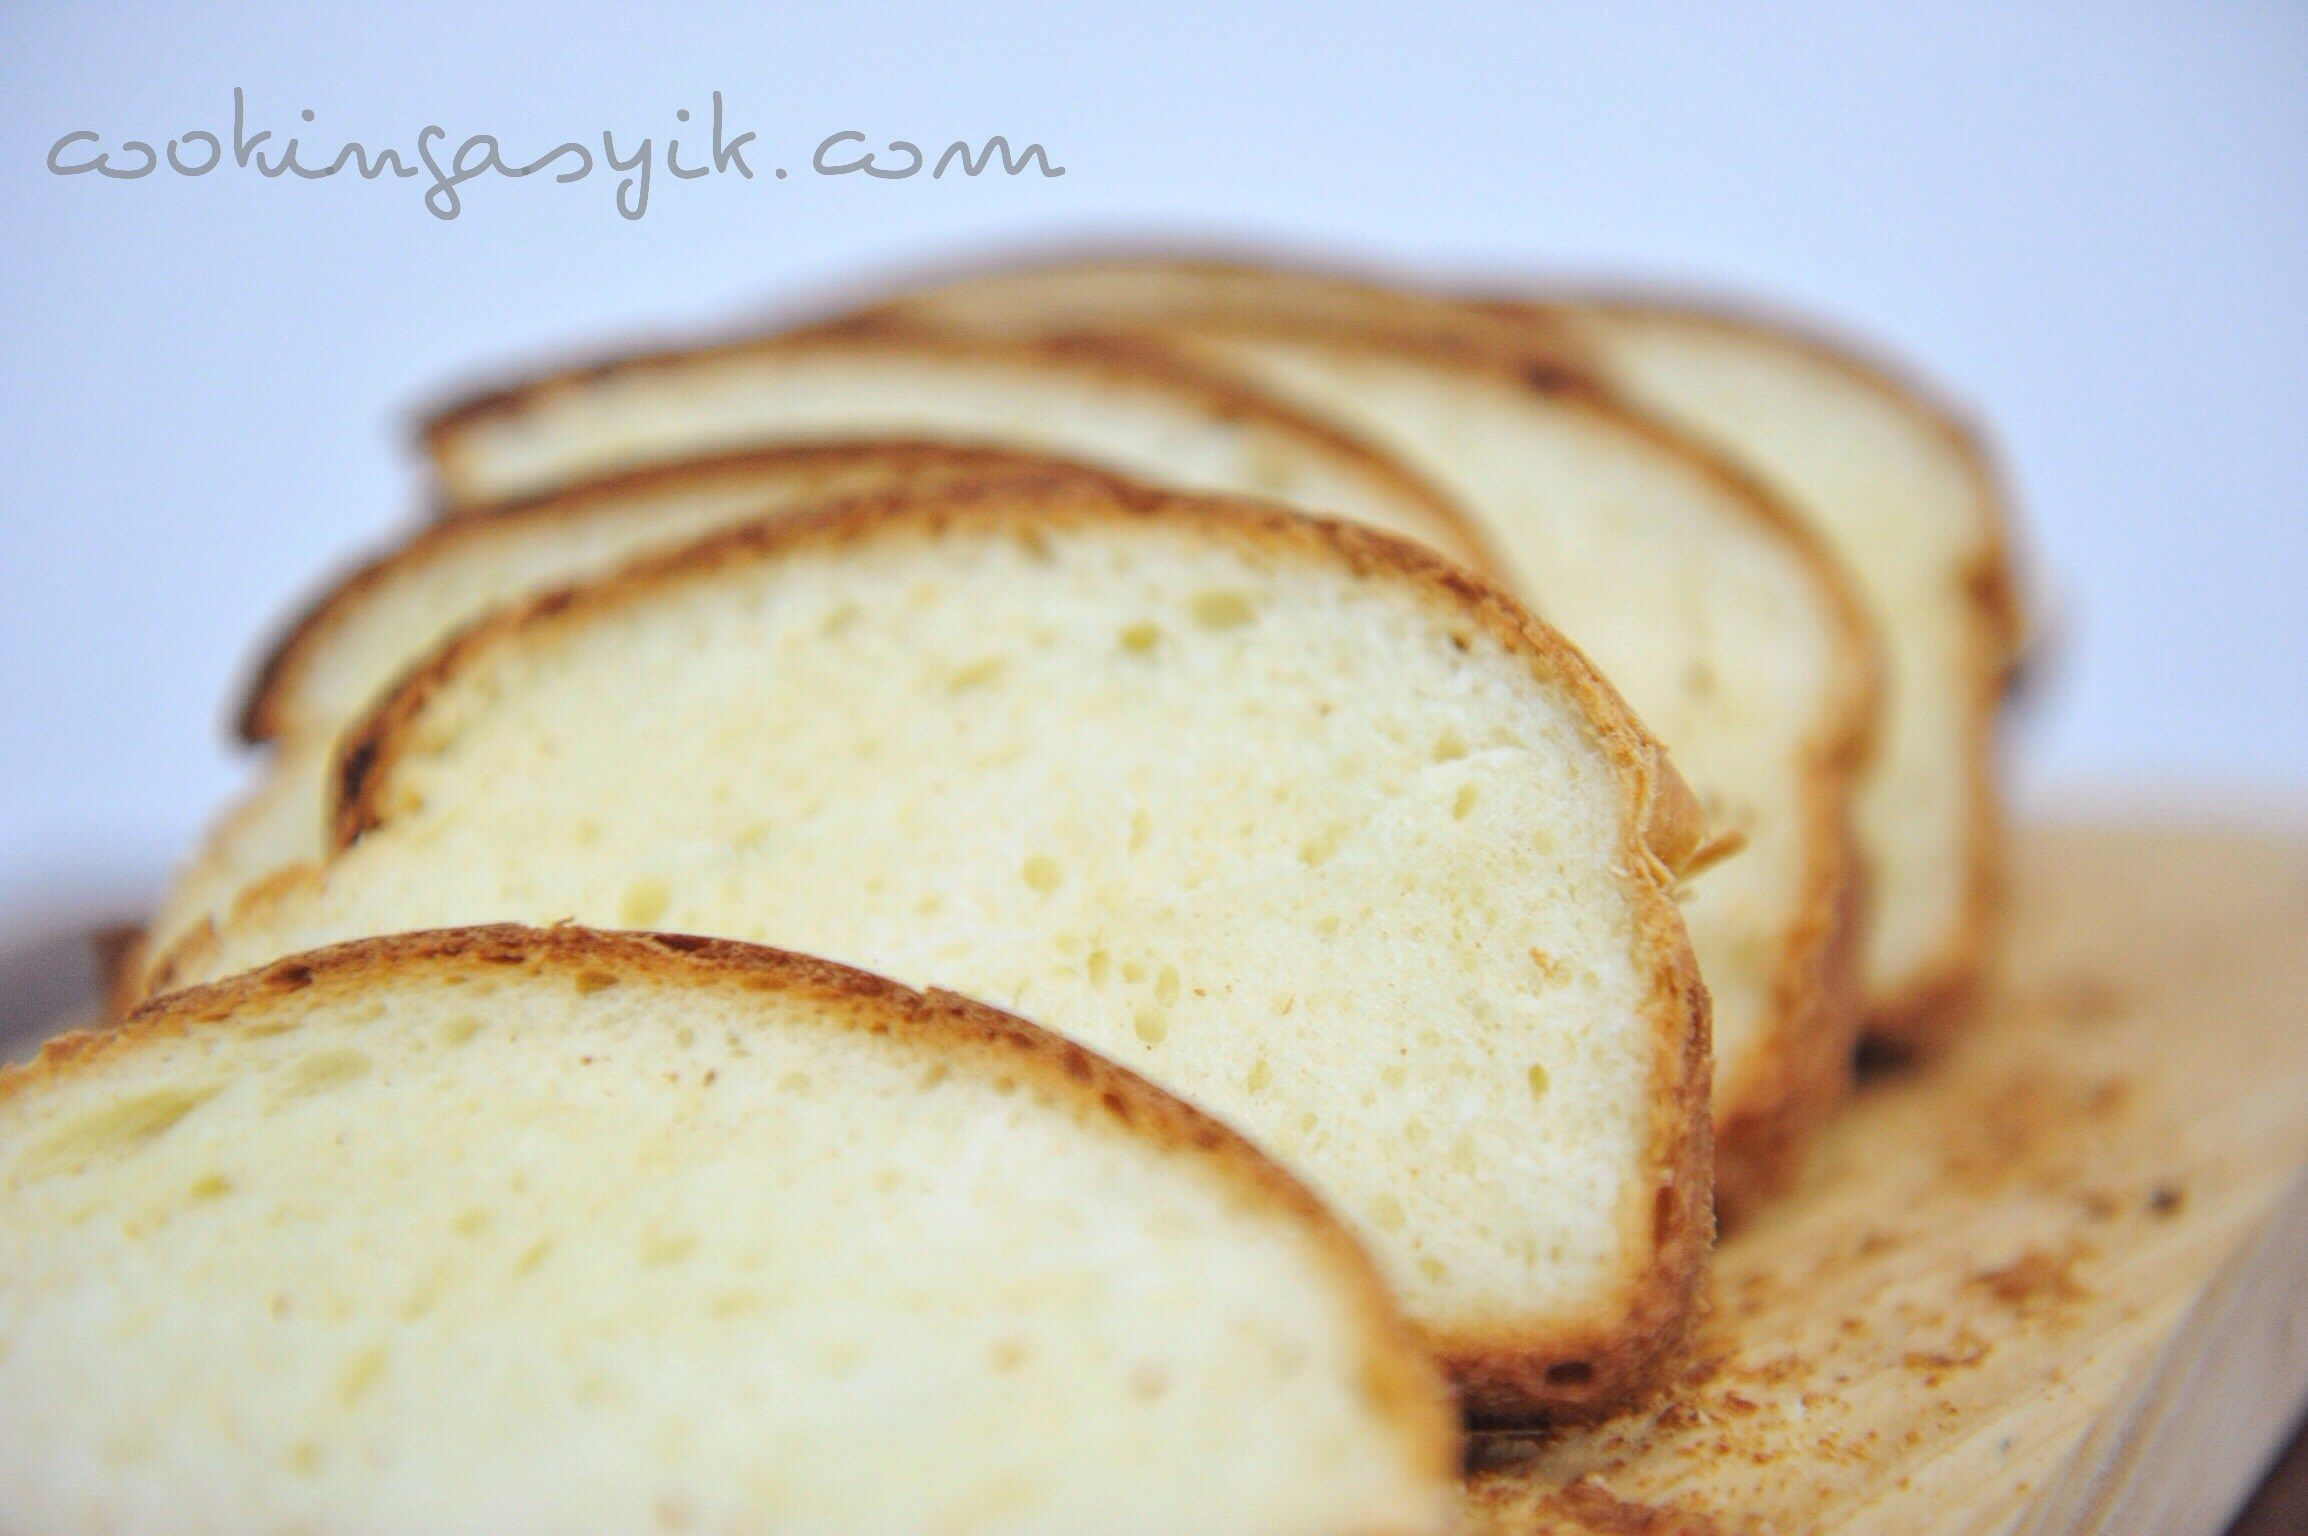 Resep Roti Tawar Terbaik Resep Roti Pizza Enak Dan Empuk Resep Roti Manis Lembut Dan Empuk Rotis Resep Makanan Memasak